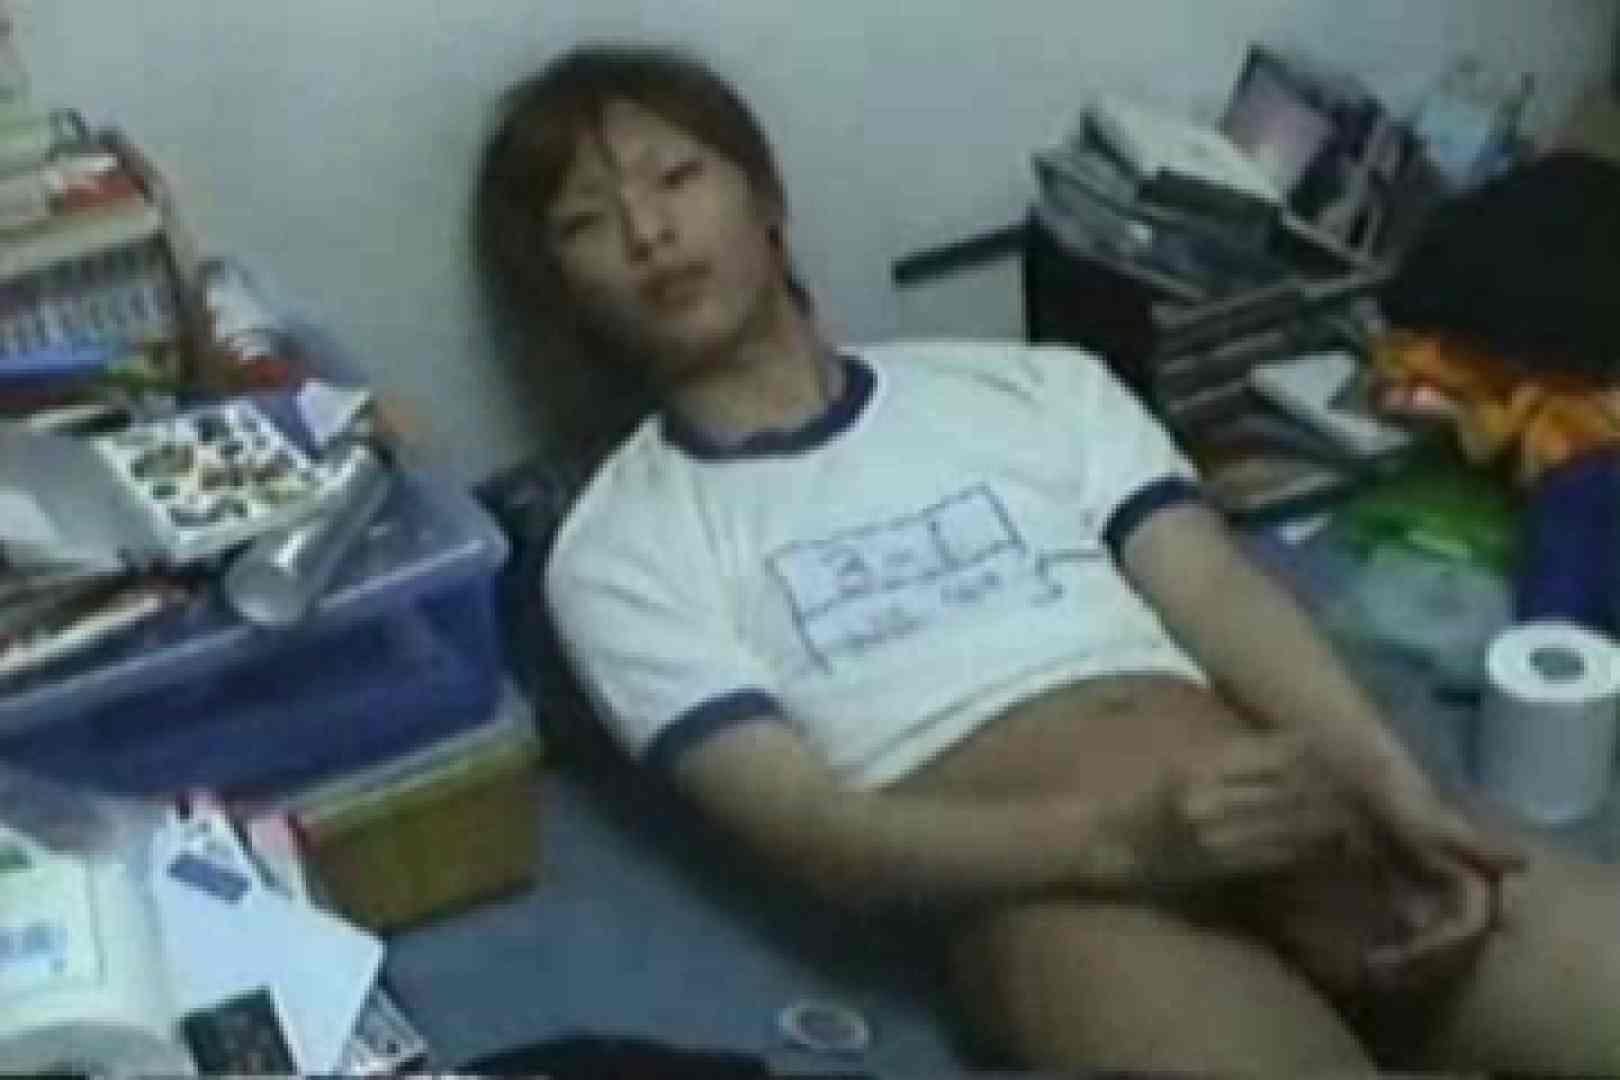 【流出】知られざる僕の秘密…vol.05 男・男 ゲイAV画像 88pic 68